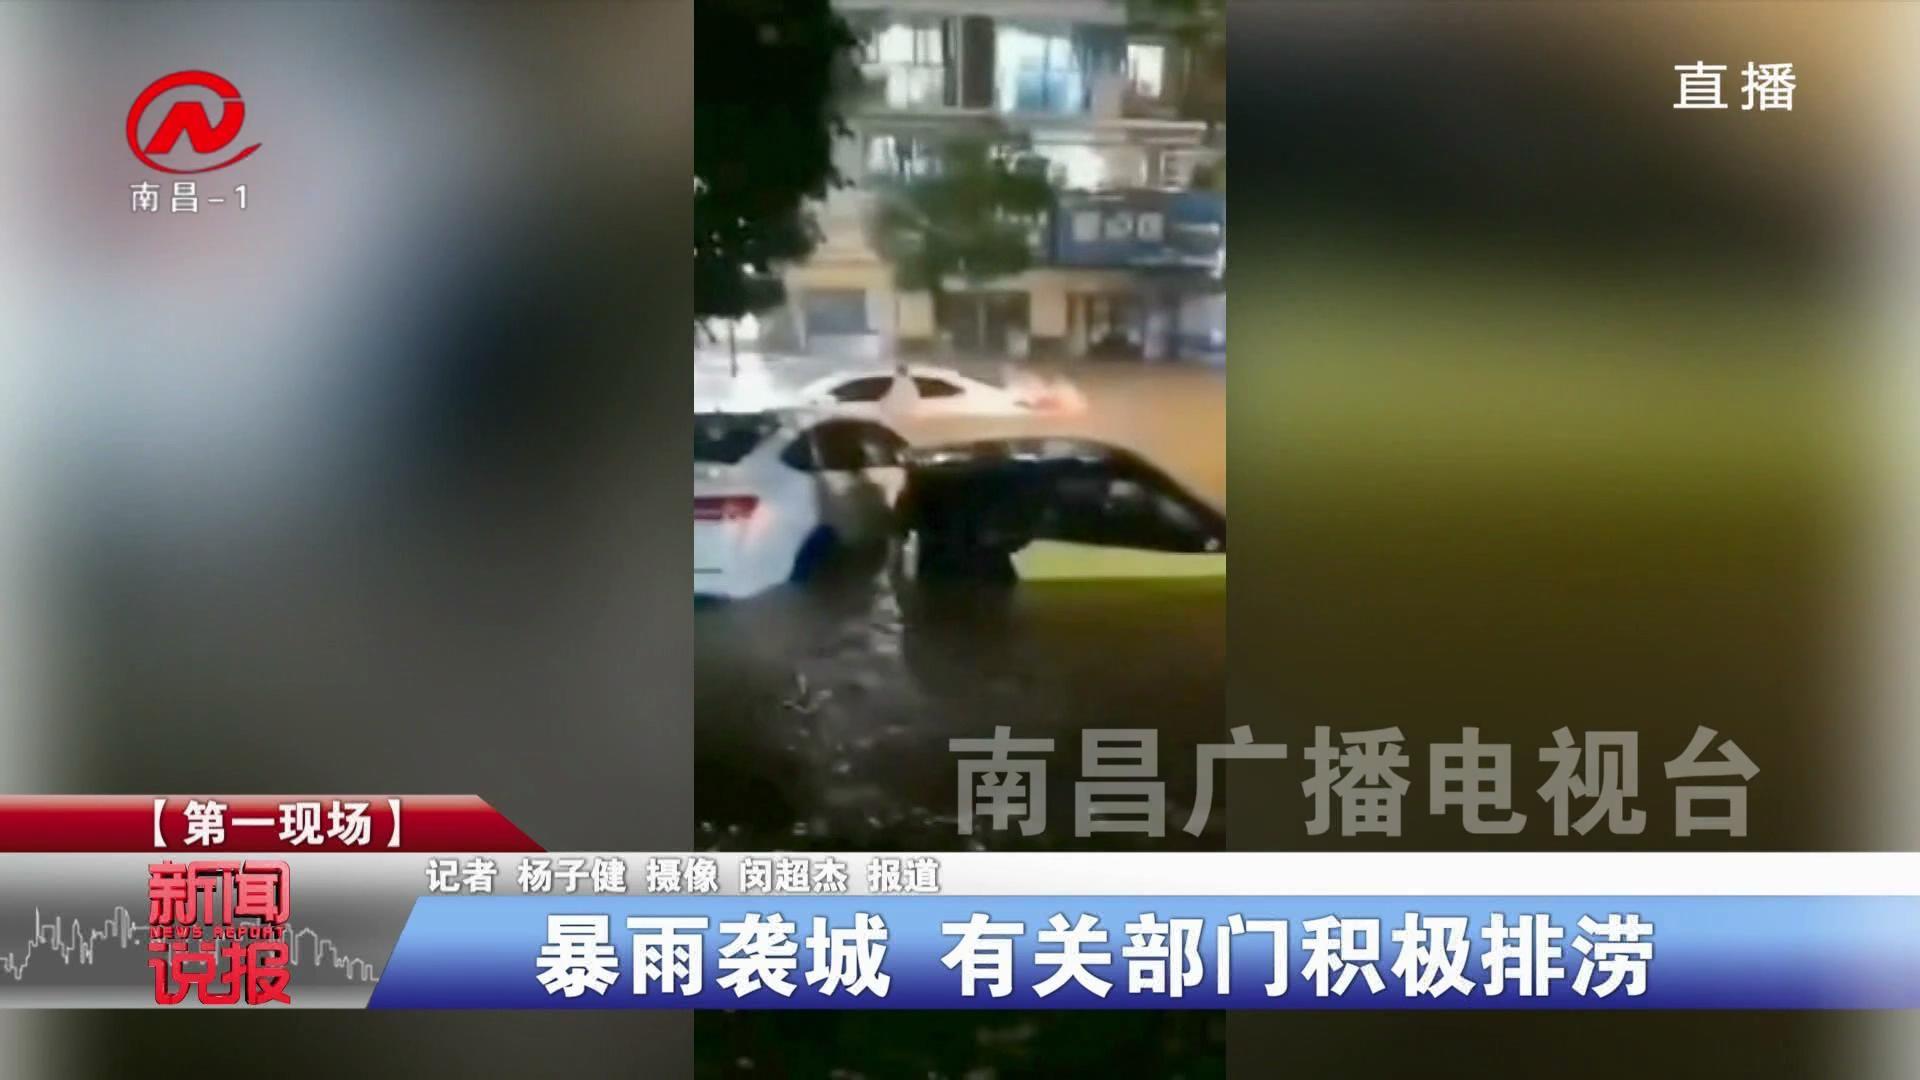 暴雨袭城 有关部门积极排涝